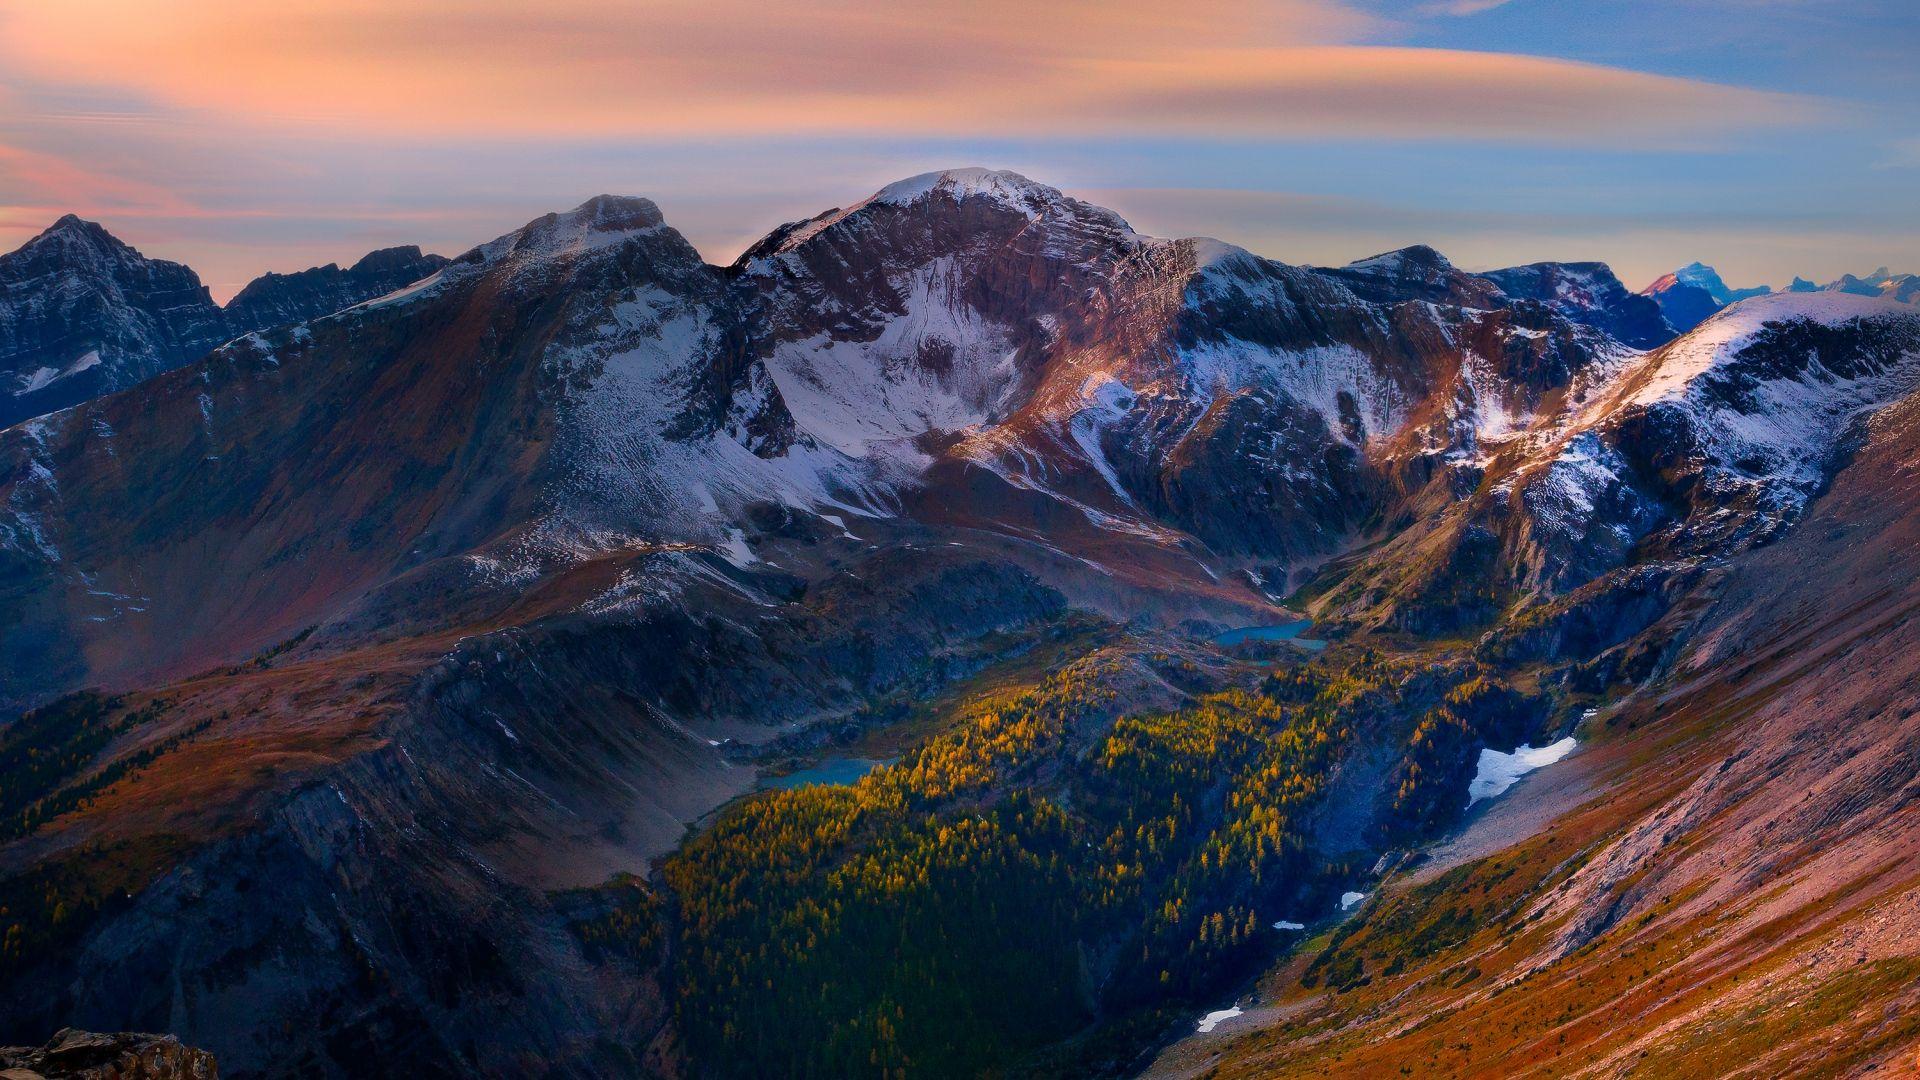 Download Wallpaper 1920x1080 mountain, peaks, sky